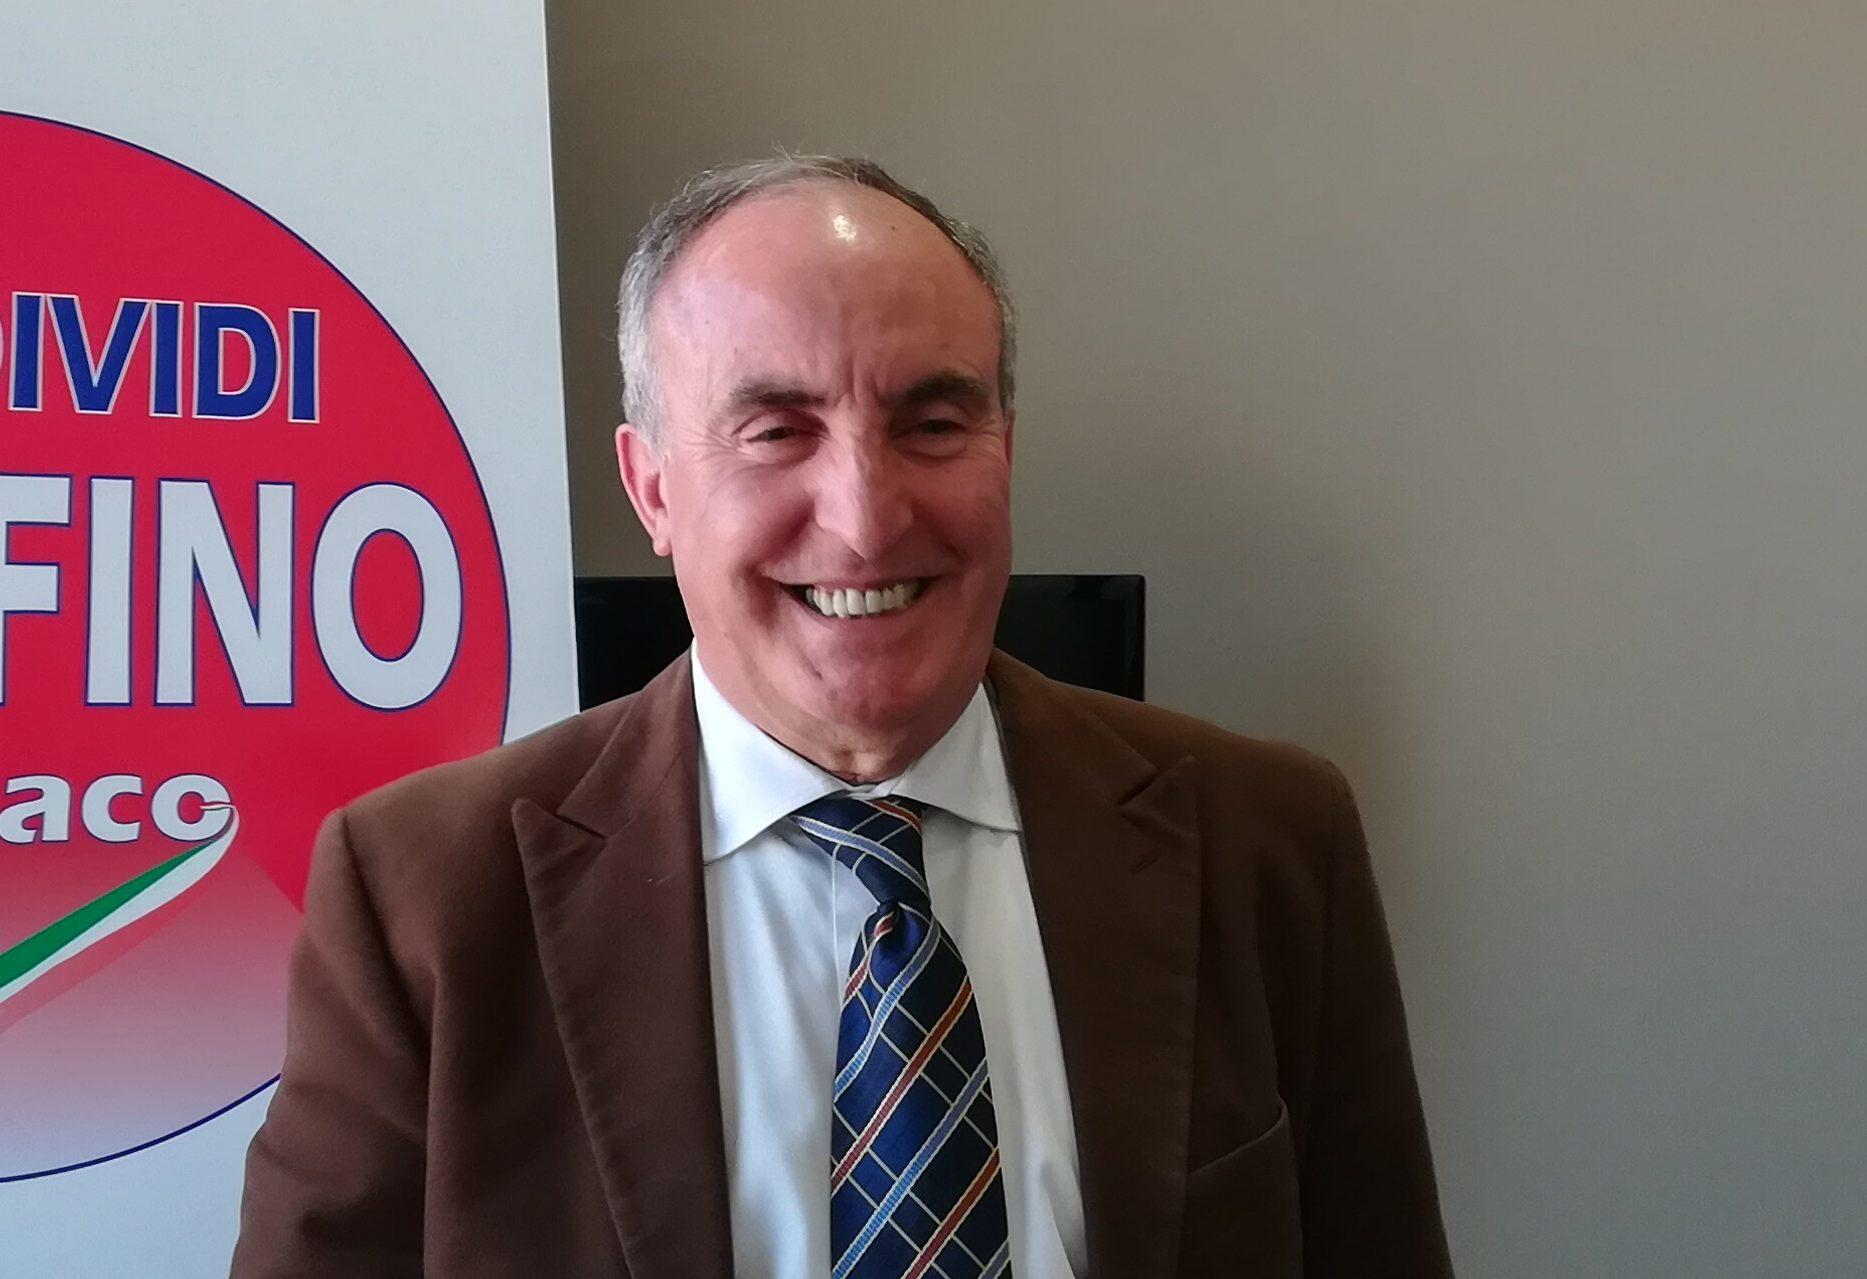 Giuseppe Morfino